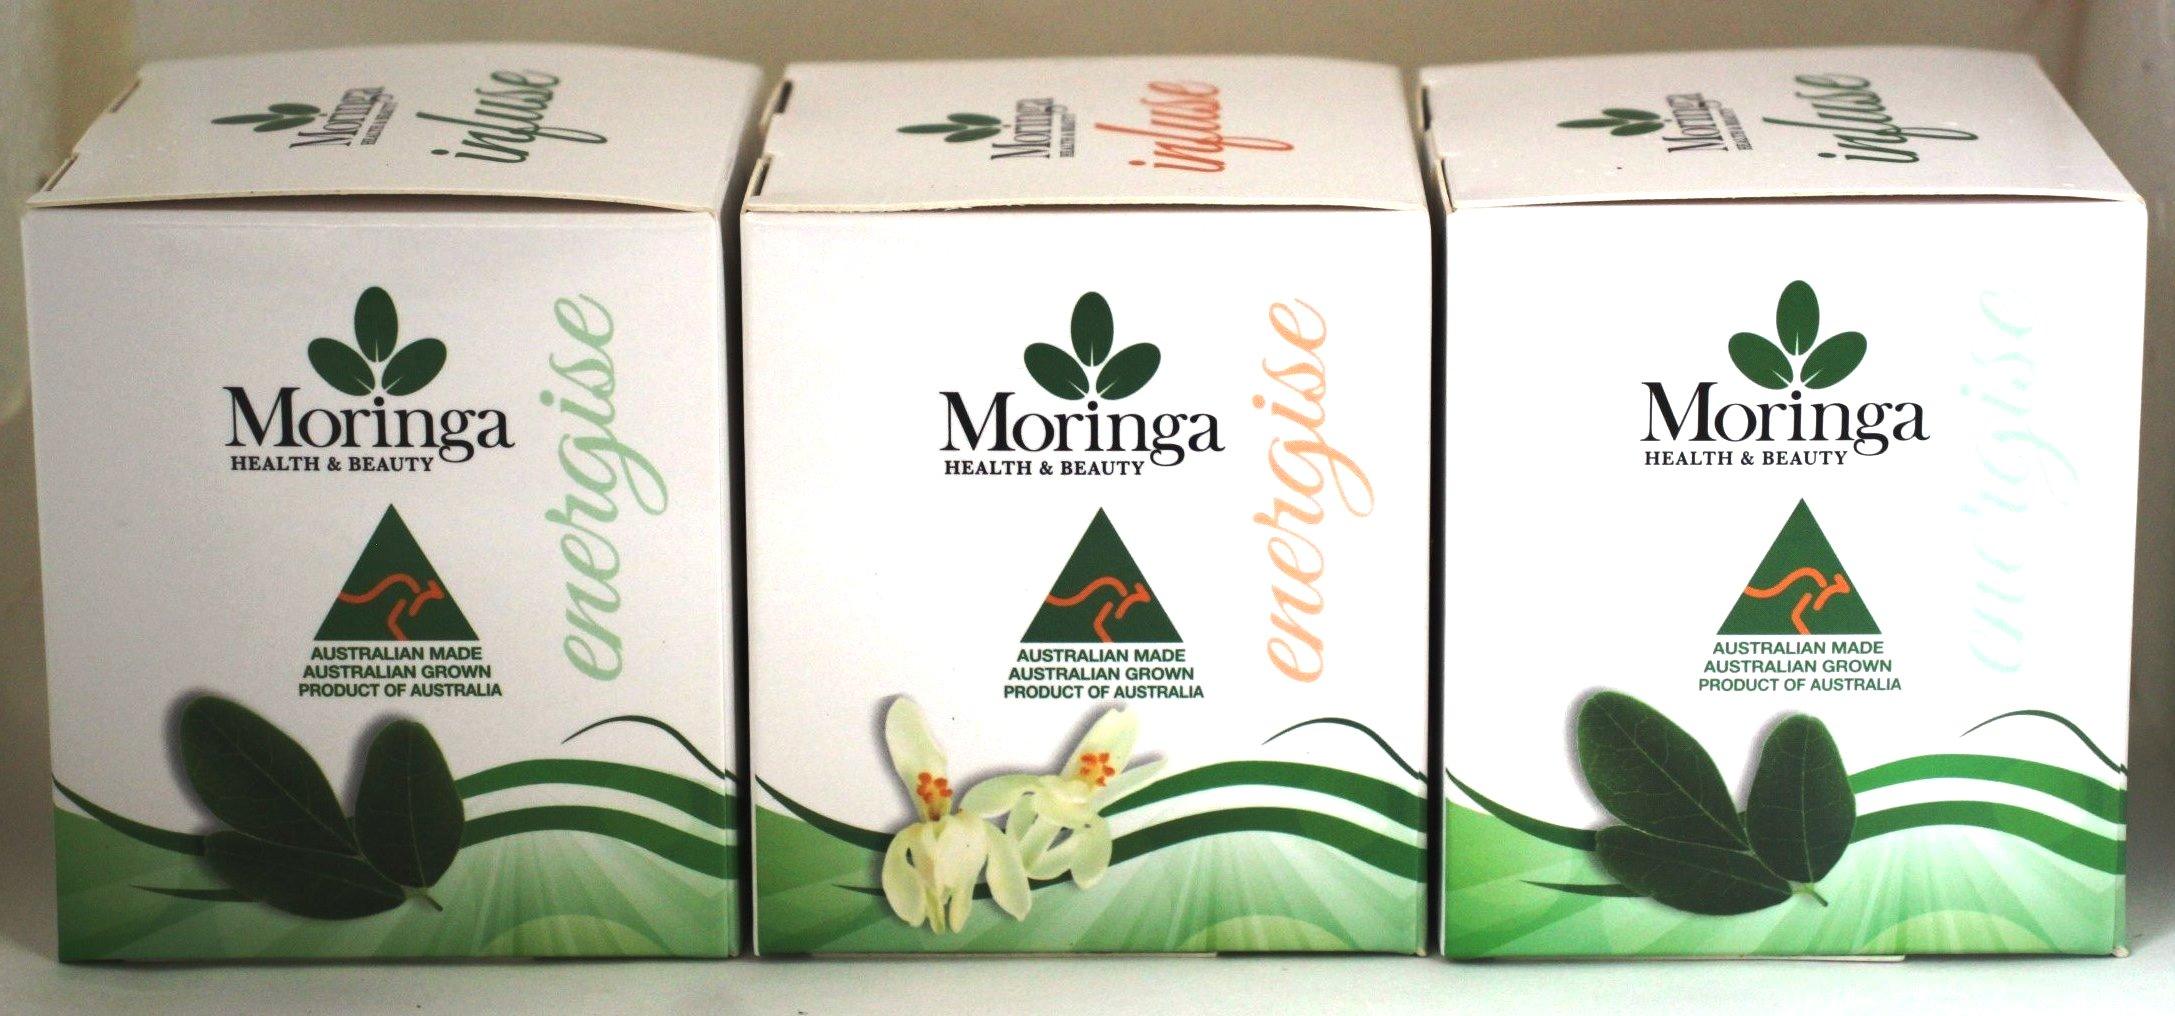 Moringa 3 pack Tea Bags - Moringa FLOWERS+Charmomile plus Moringa LEAF+Ginger & Lemon plus Moringa LEAF+Peppermint